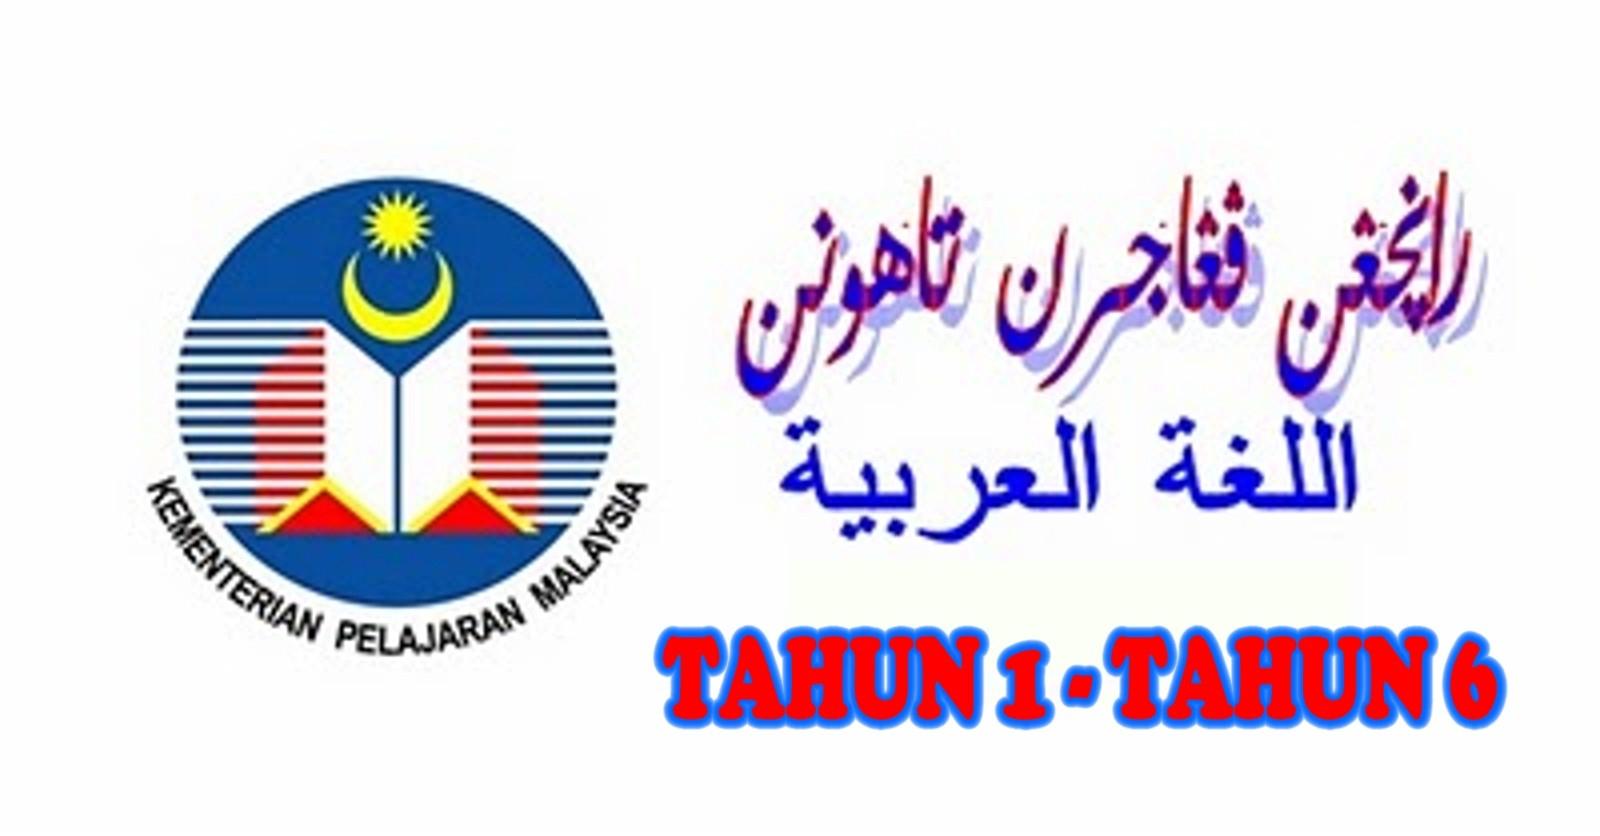 Rpt Bahasa Arab Tahun 5 Bernilai Blog J Qaf Sk Parit Haji Taib Of Jom Dapatkan Rpt Bahasa Arab Tahun 5 Yang Hebat Khas Untuk Murid Download!